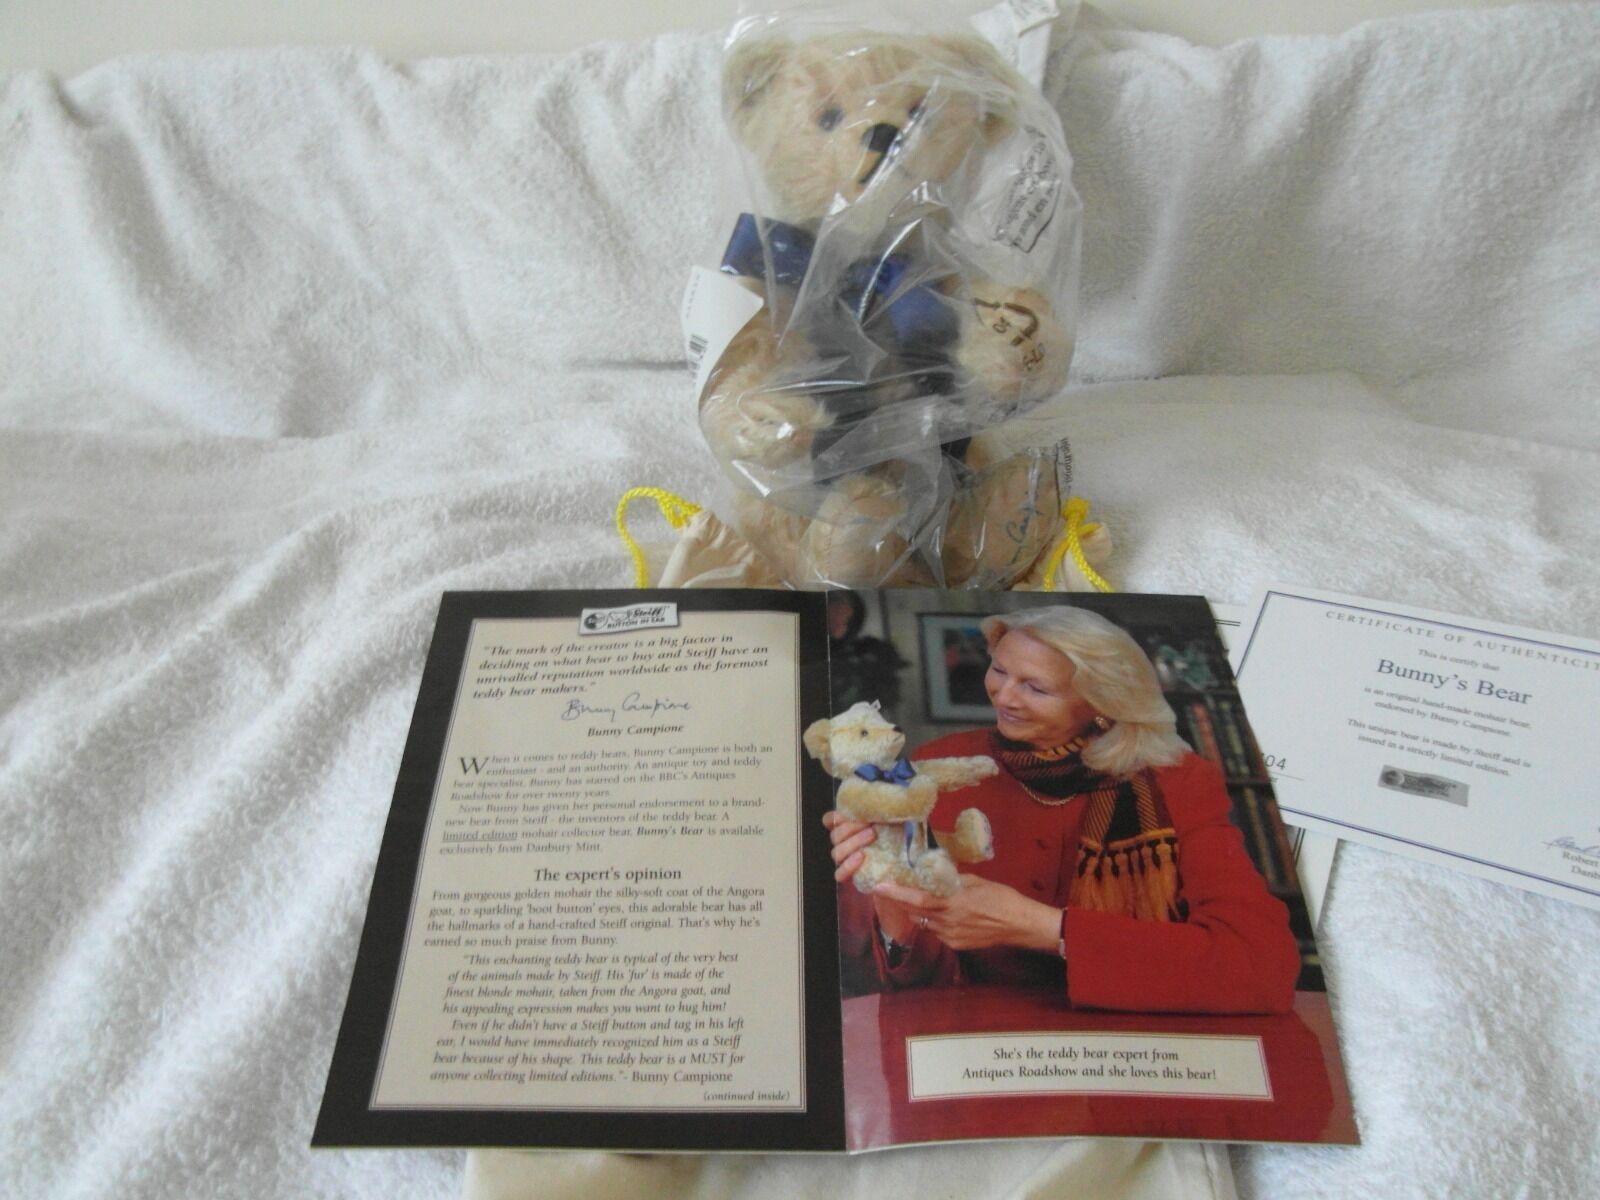 Rare Steiff Bunny s Bear Ltd Ed 2 500 500 500 Were Ever Made 2006 Brand New Condition. 1a5e95